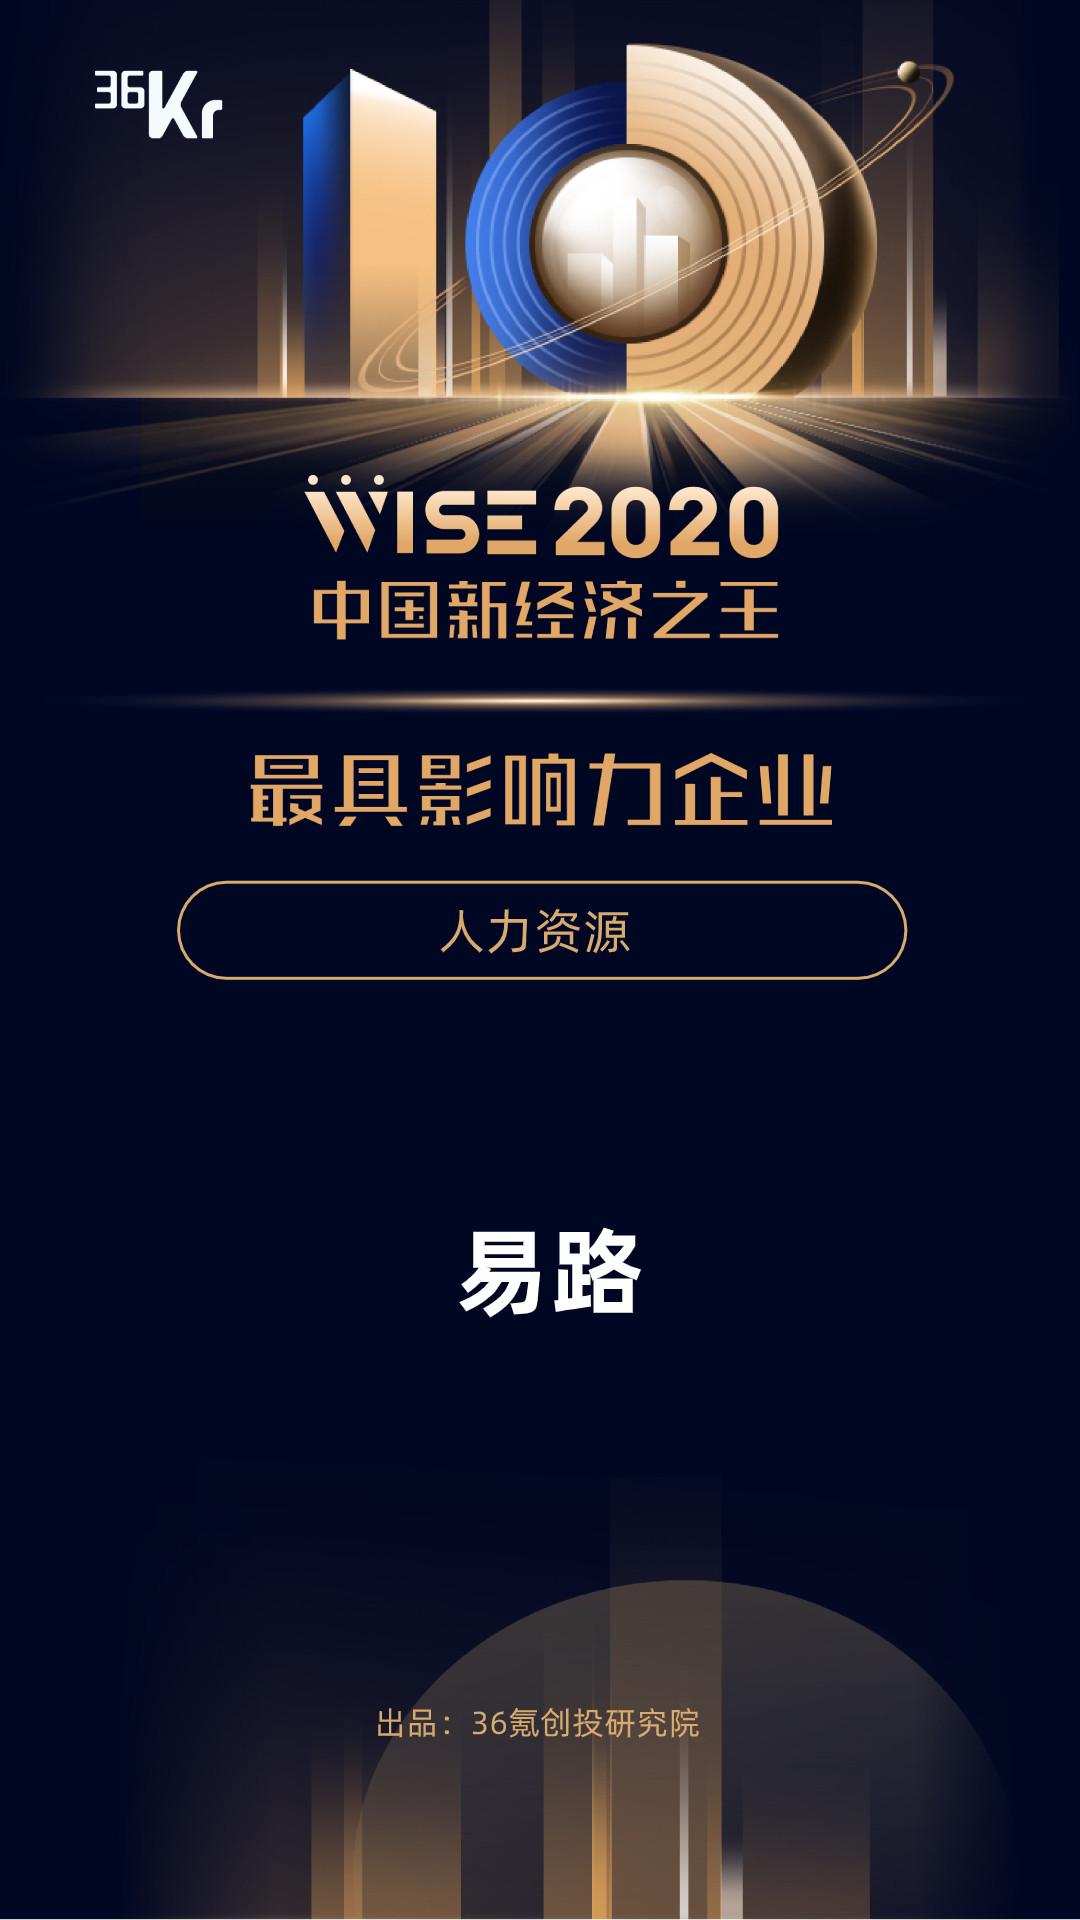 易路-2020中国新经济之王(2)(2).jpg